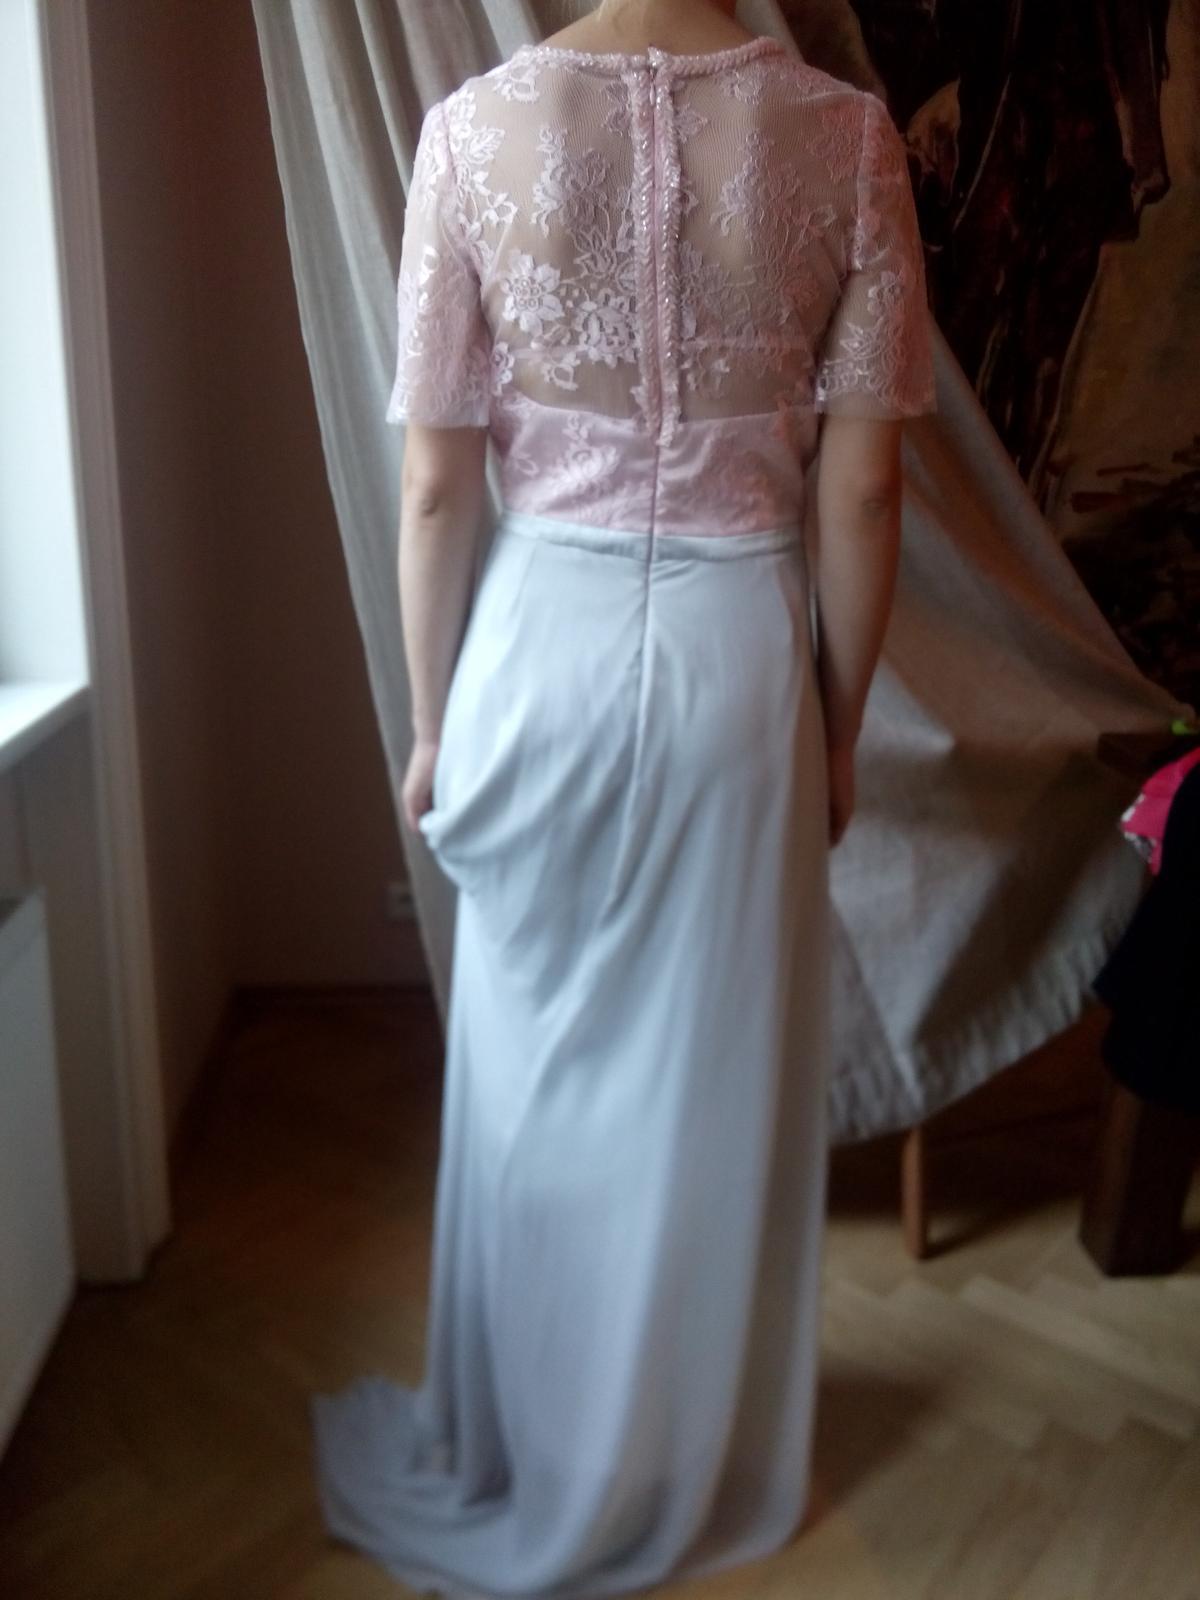 Svatební stříbřité šaty se starorůžovou krajkou 5c022758a1